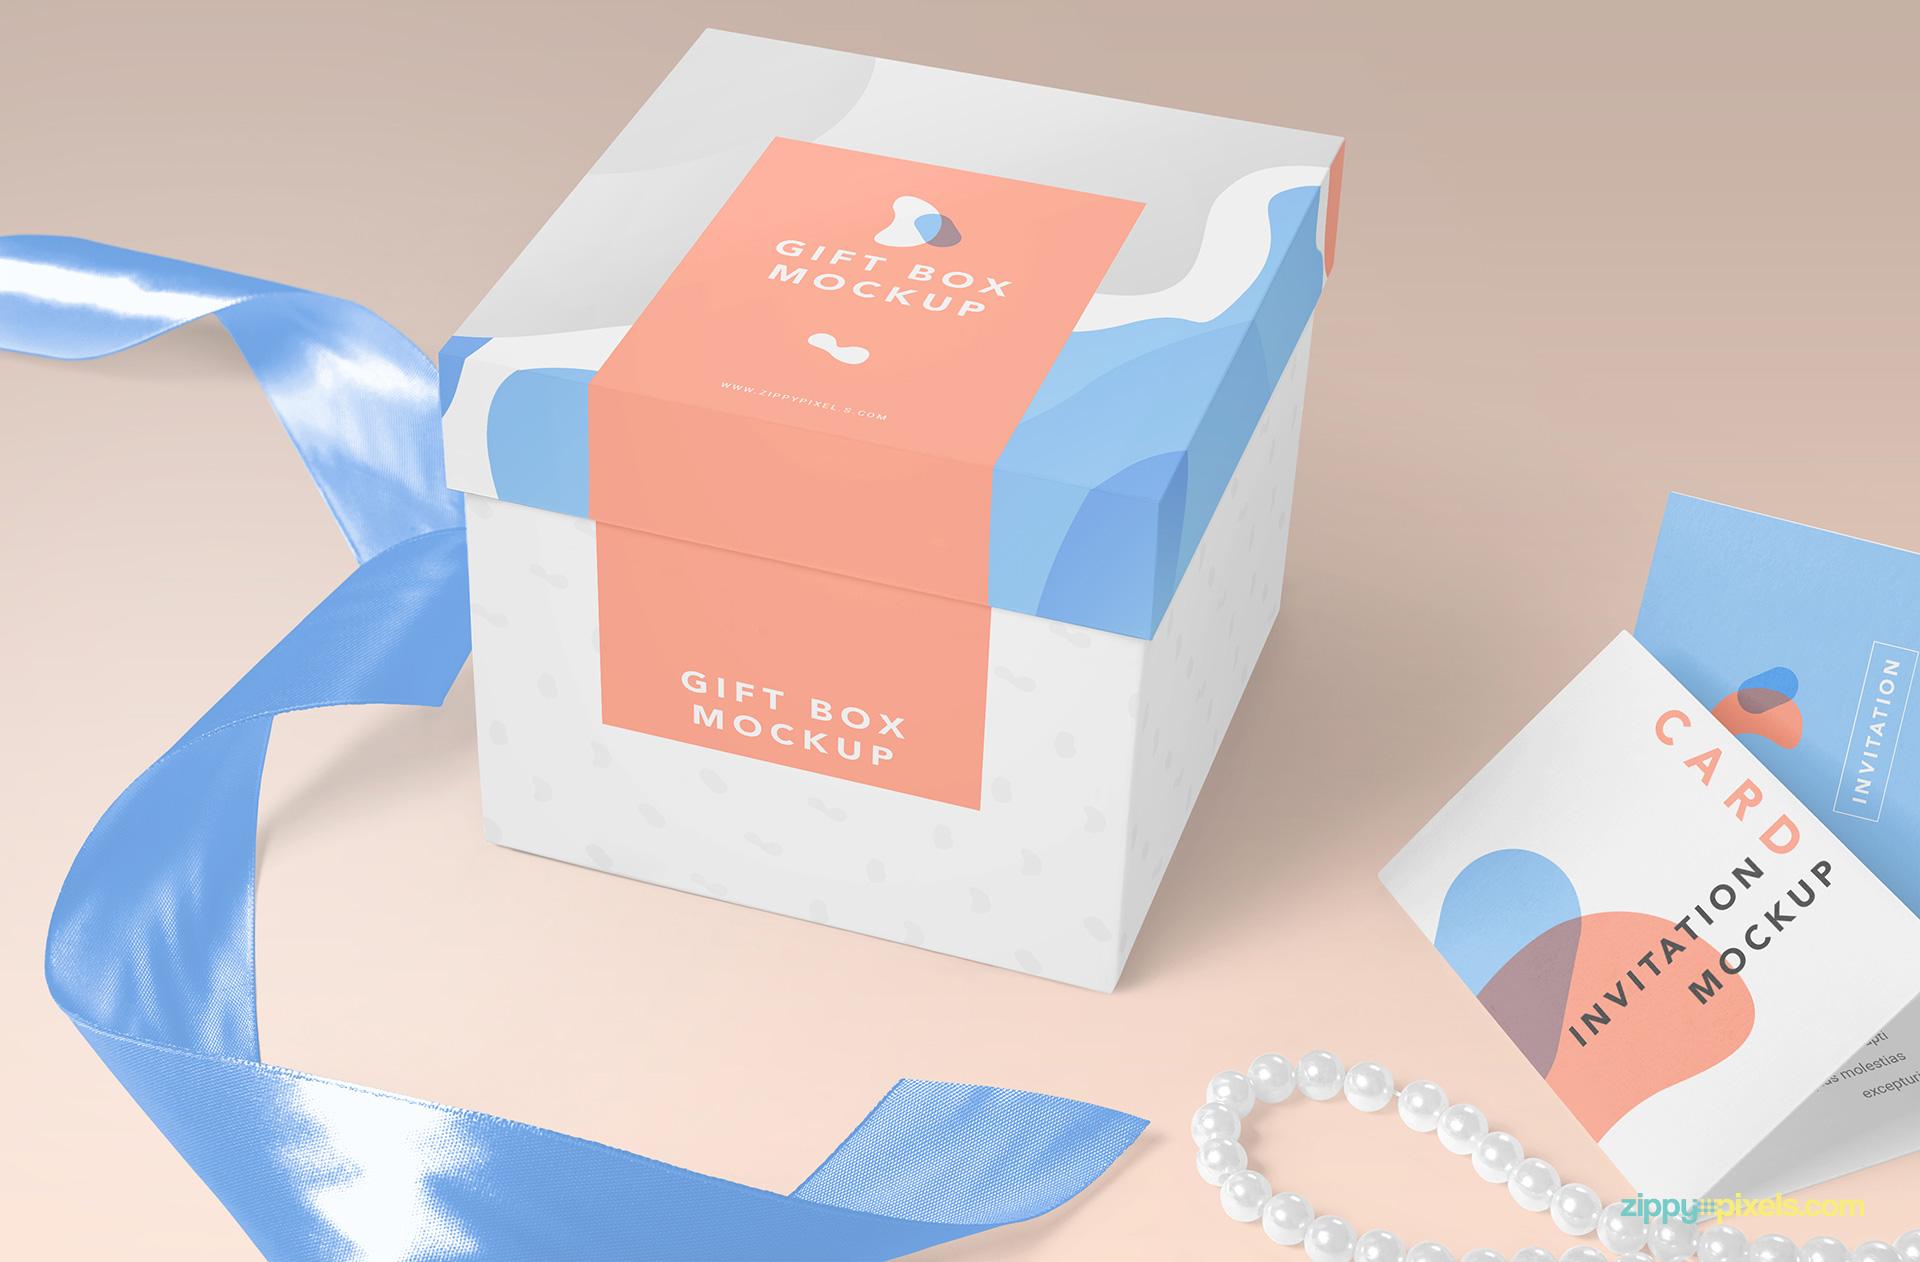 Easy to edit gift box mockup scene.